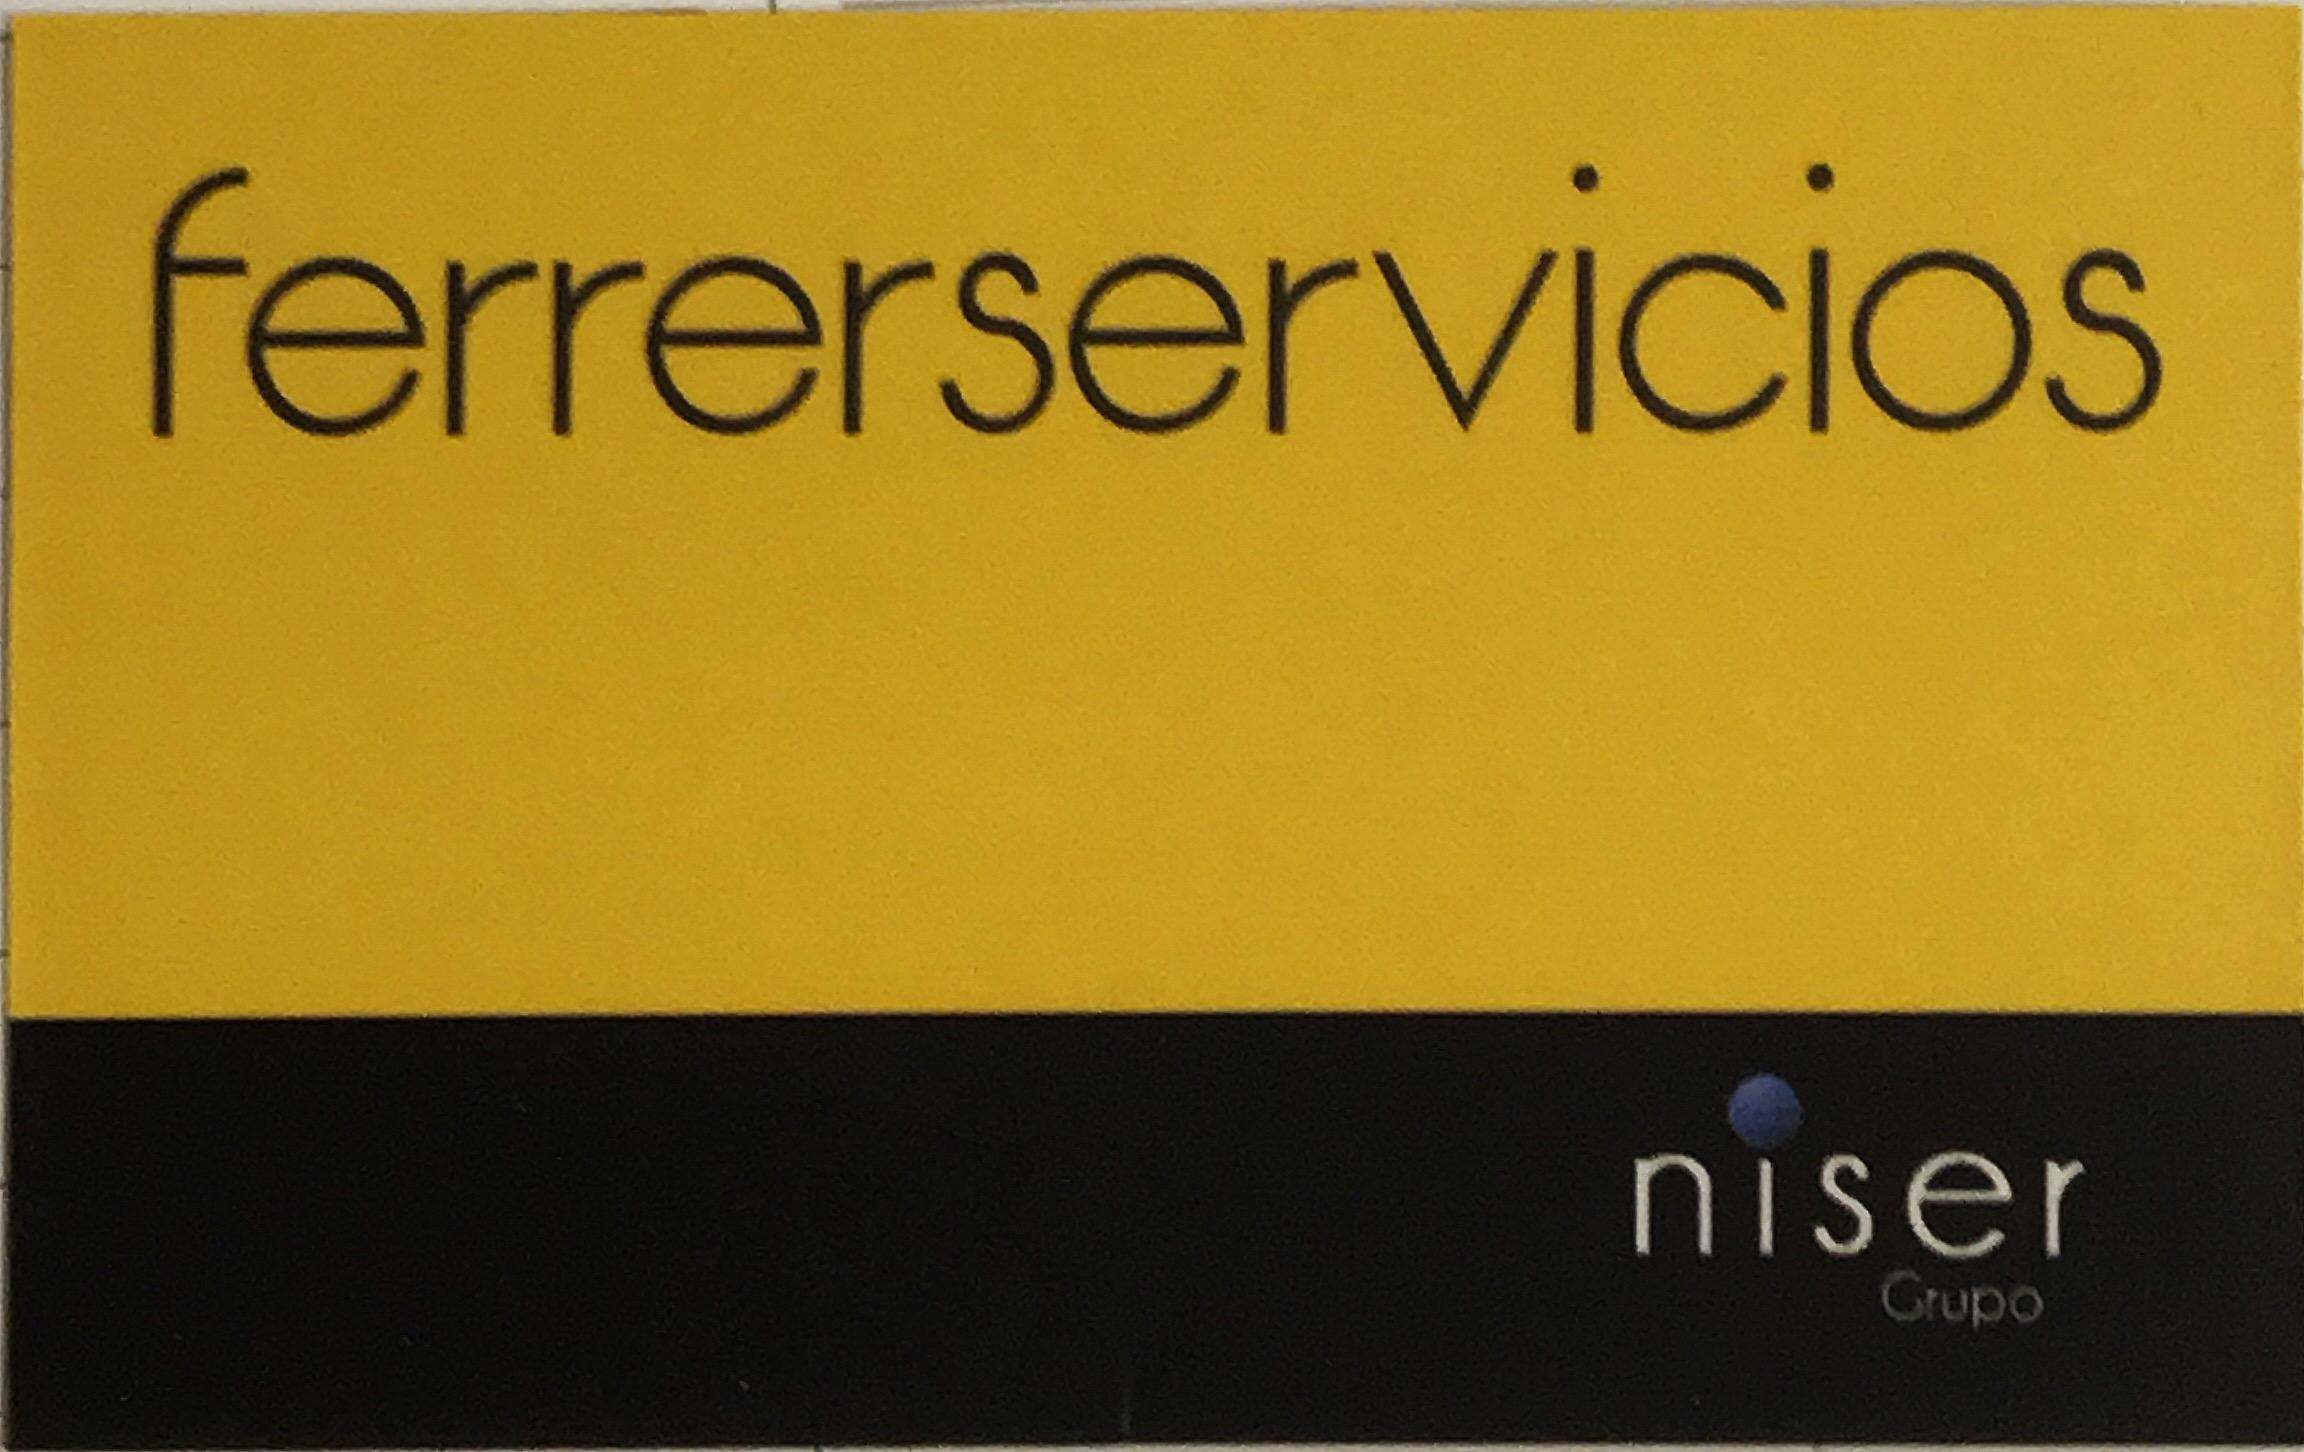 Ferrer Niser